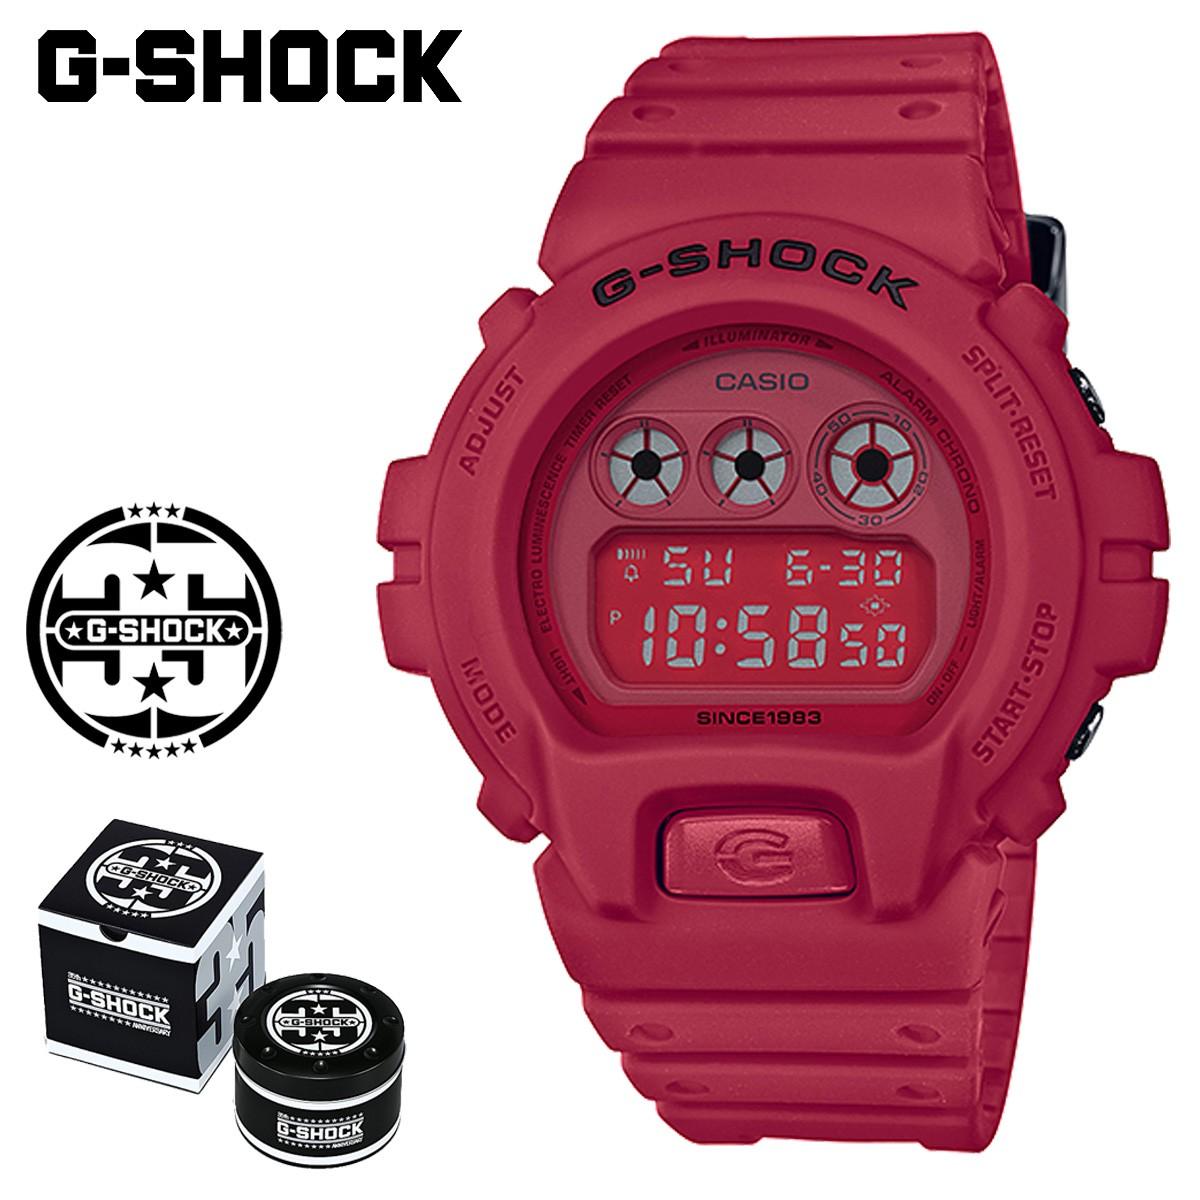 カシオ CASIO G-SHOCK 腕時計 DW-6935C-4JR RED OUT 35周年 ジーショック Gショック G-ショック レッド メンズ レディース [1/19 新入荷]